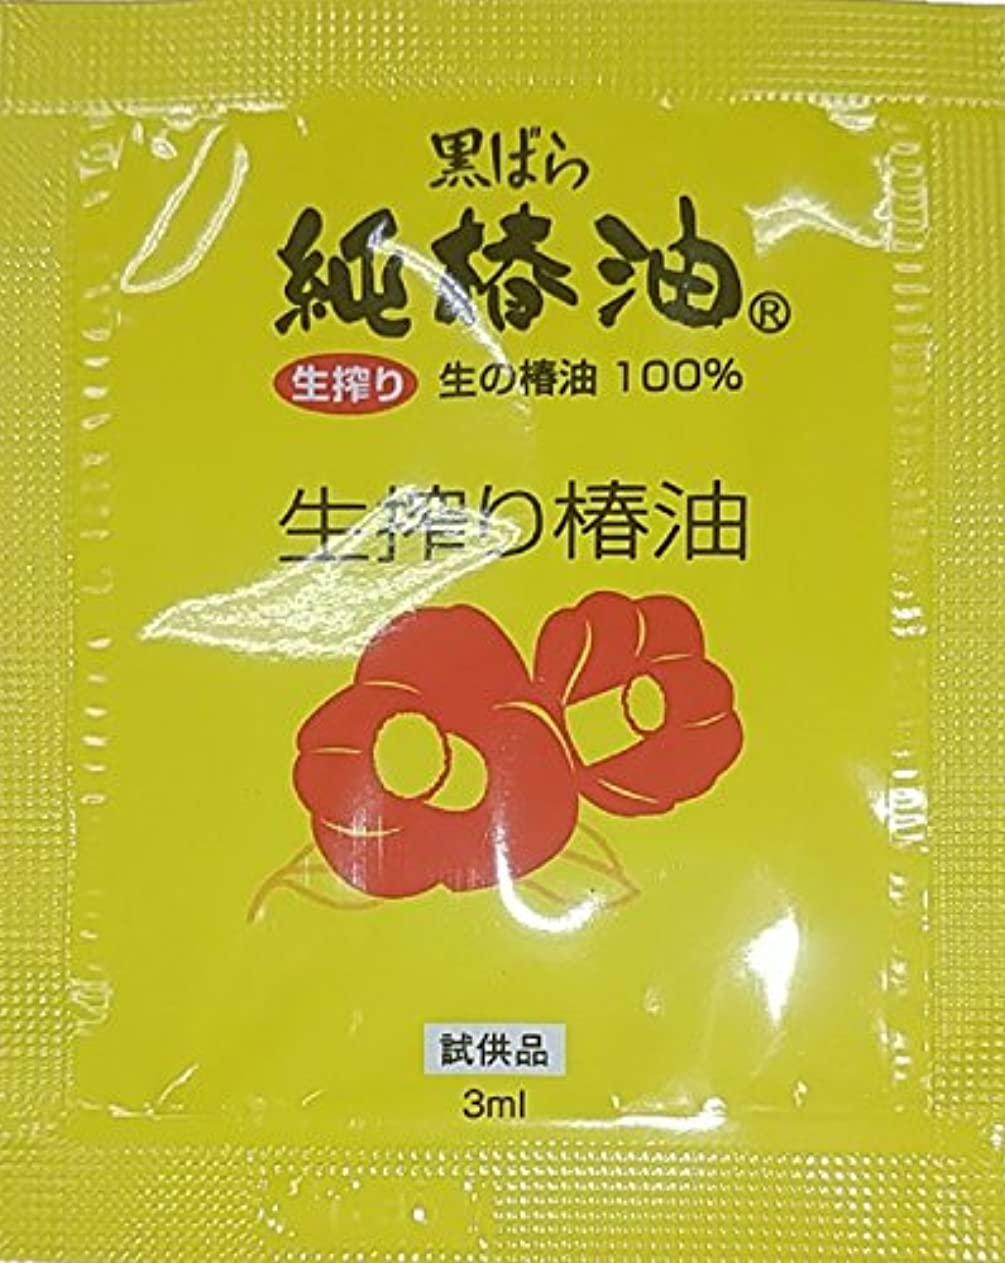 ボクシング癒す超えて純椿油ミニサイズ3ml【実質無料サンプルストア対象】